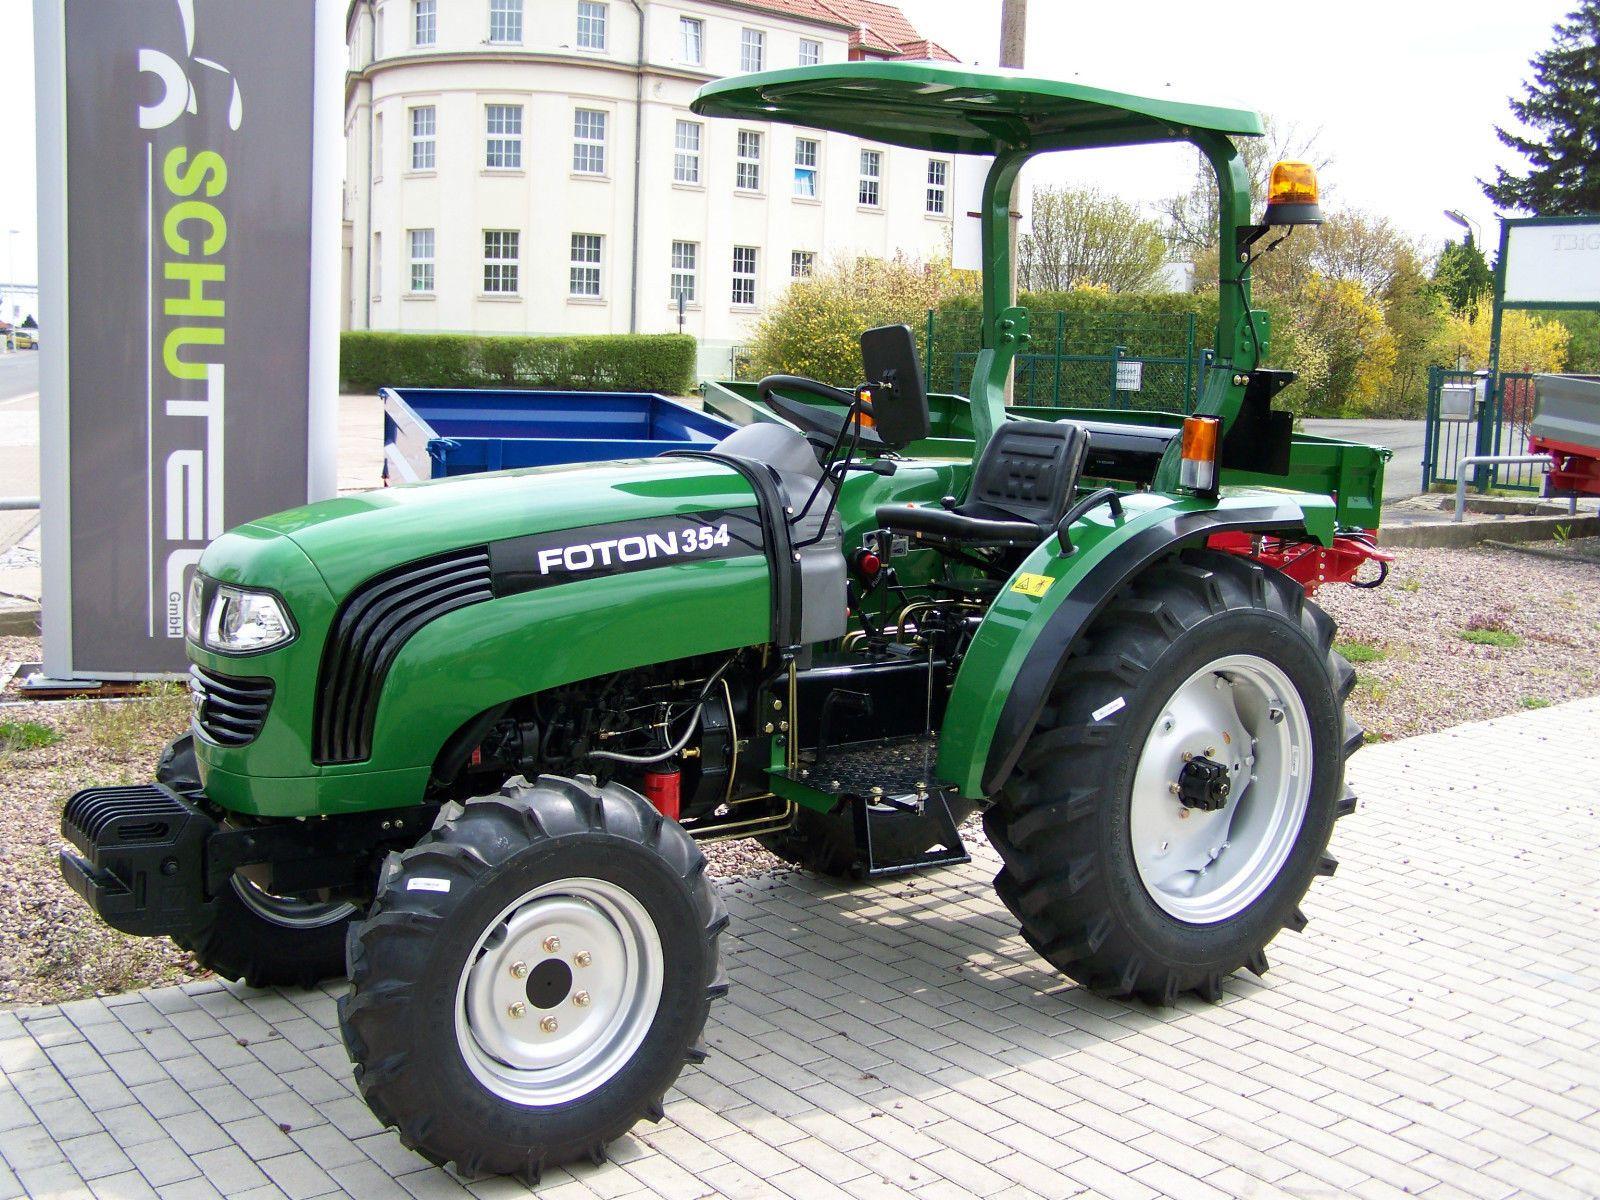 Neu Alles Inklusive Foton Lovol 354 Allrad Traktor Schlepper 35 Ps Druckluft Ebay Allrad Traktor Traktor Schlepper Traktor